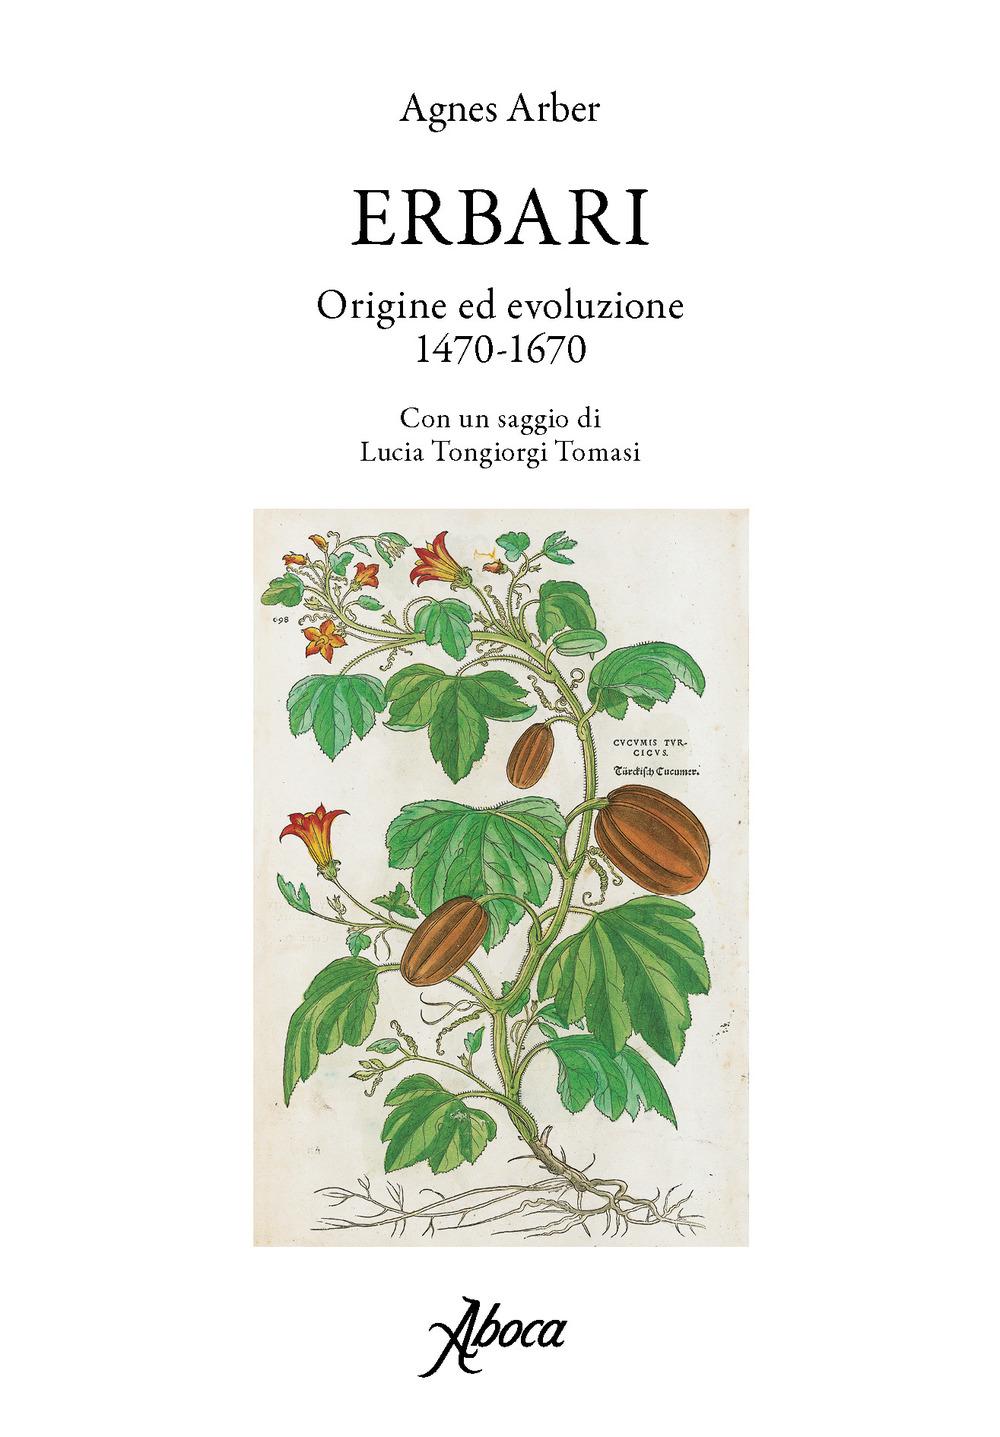 ERBARI. ORIGINE ED EVOLUZIONE 1470-1670 - 9788898881635